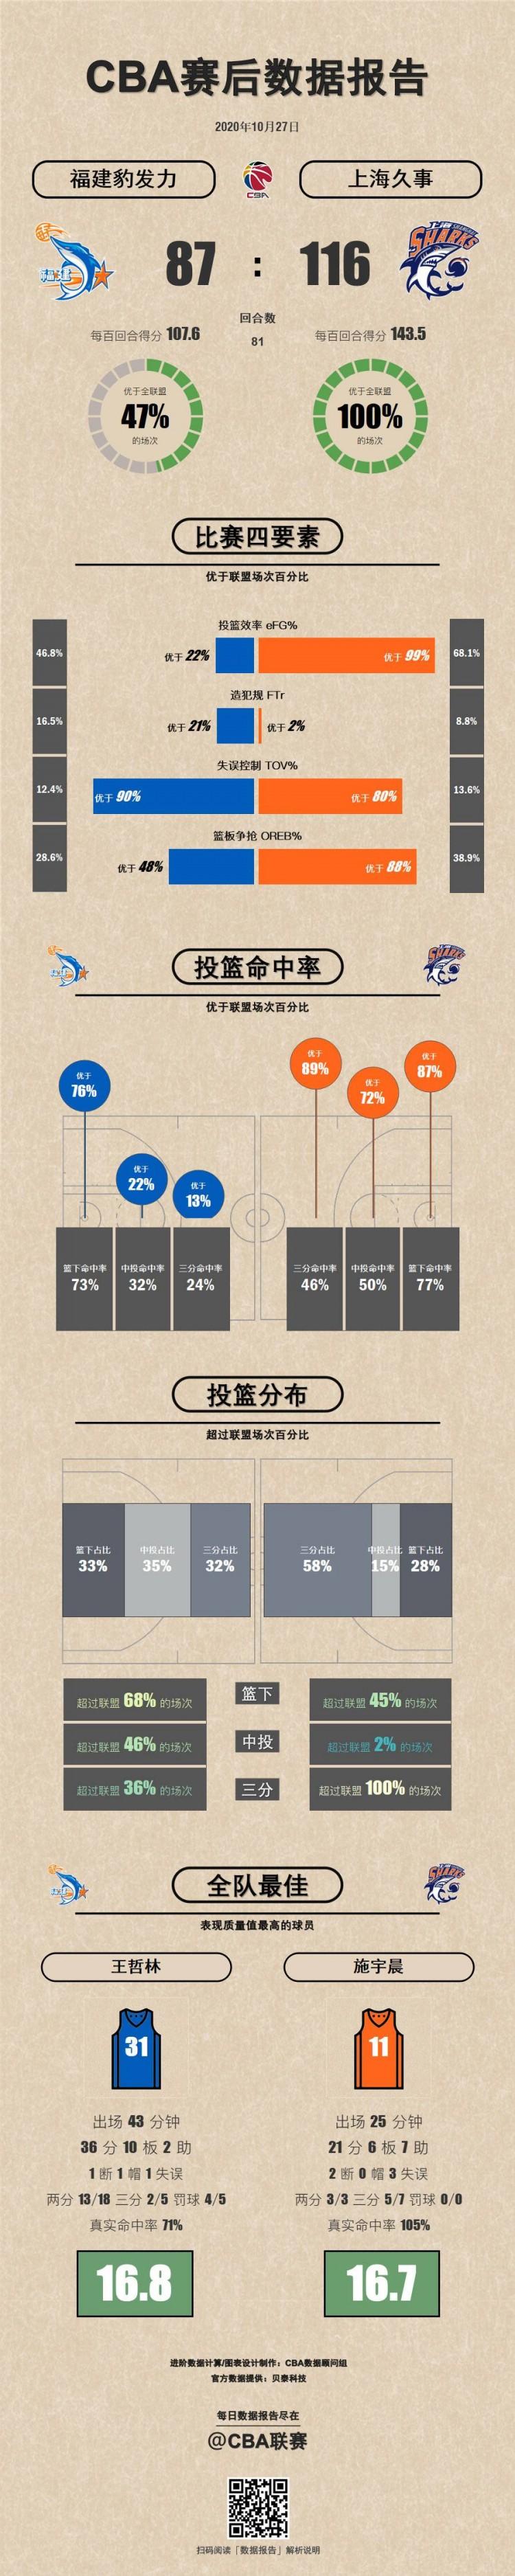 福建VS上海数据报告:王哲林36+10表现质量值全场最高